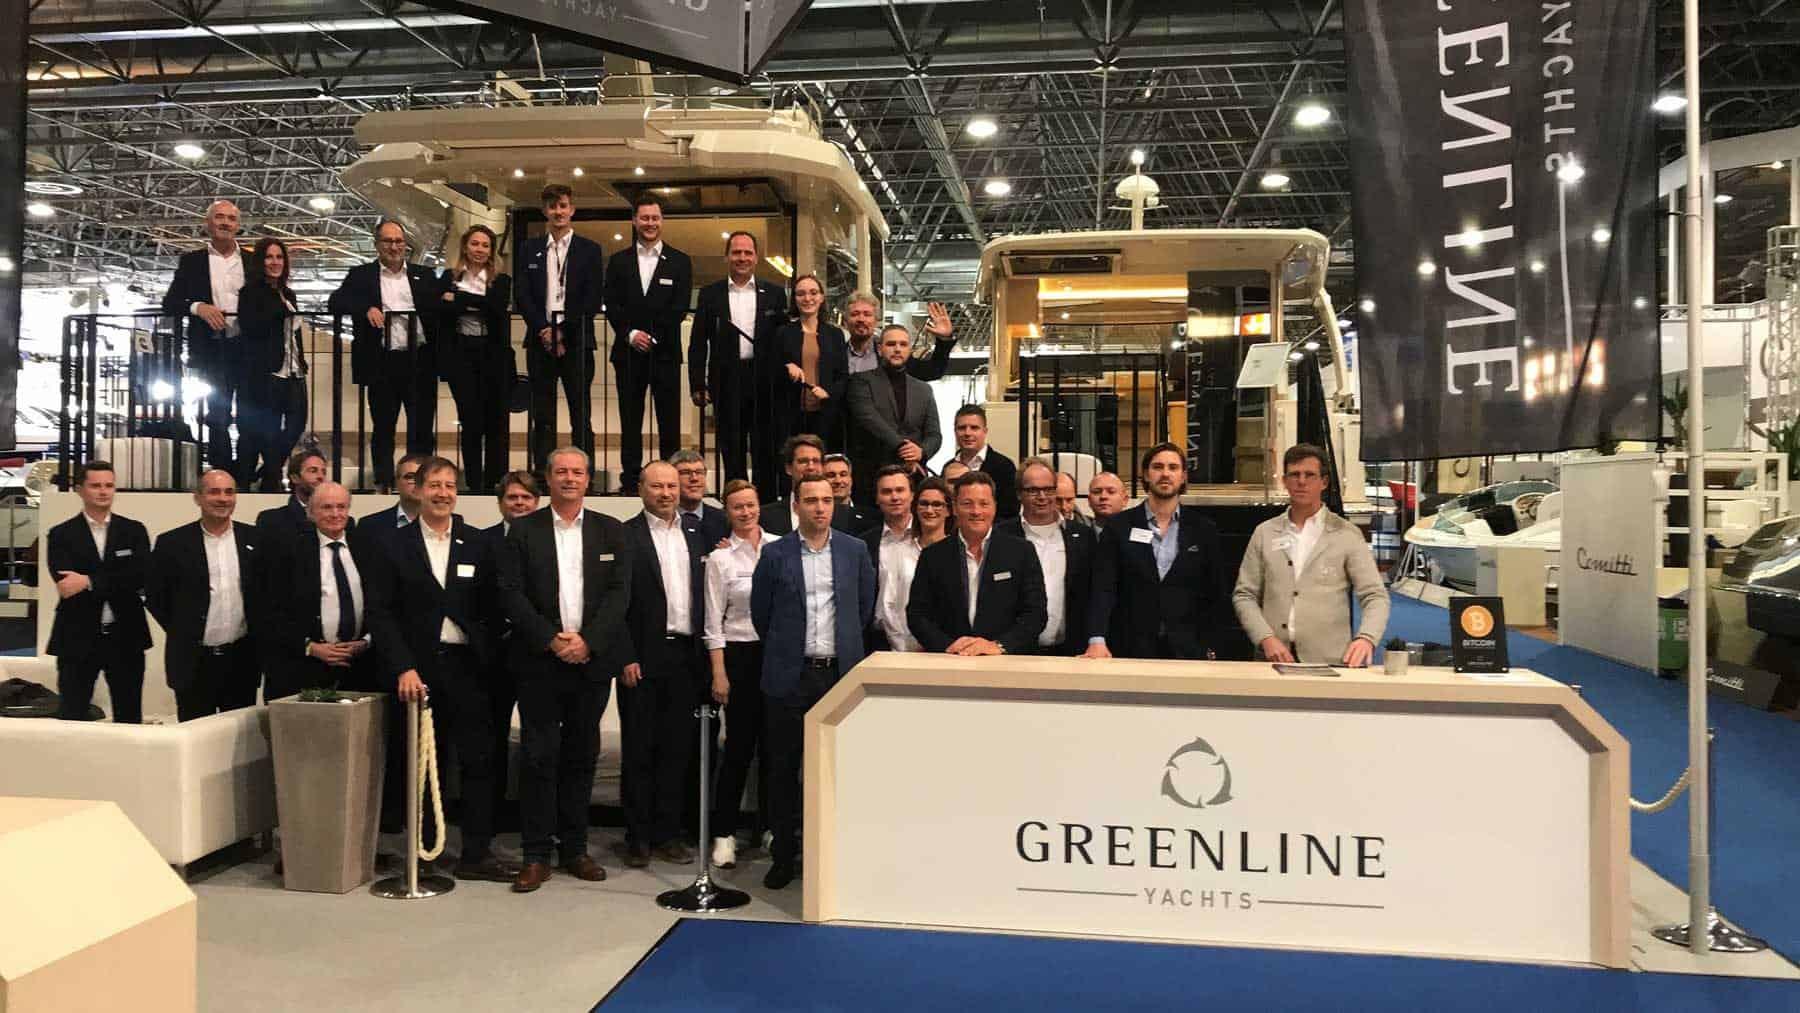 Dusseldof-Greenline-Yacht-Match